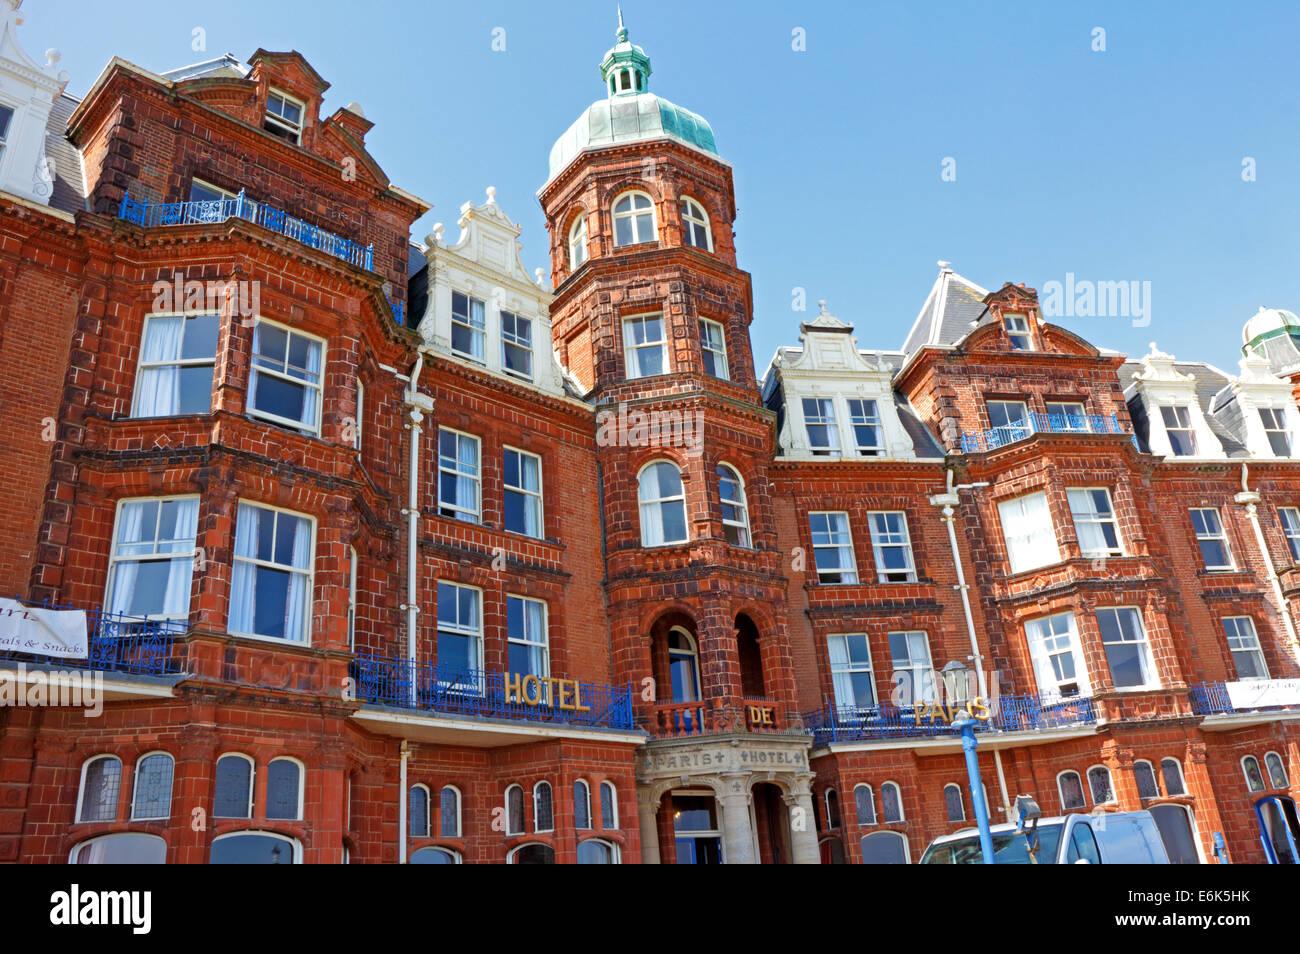 El Hotel de Paris, en el paseo marítimo de la ciudad balnearia de Cromer, Norfolk, Inglaterra, Reino Unido. Foto de stock